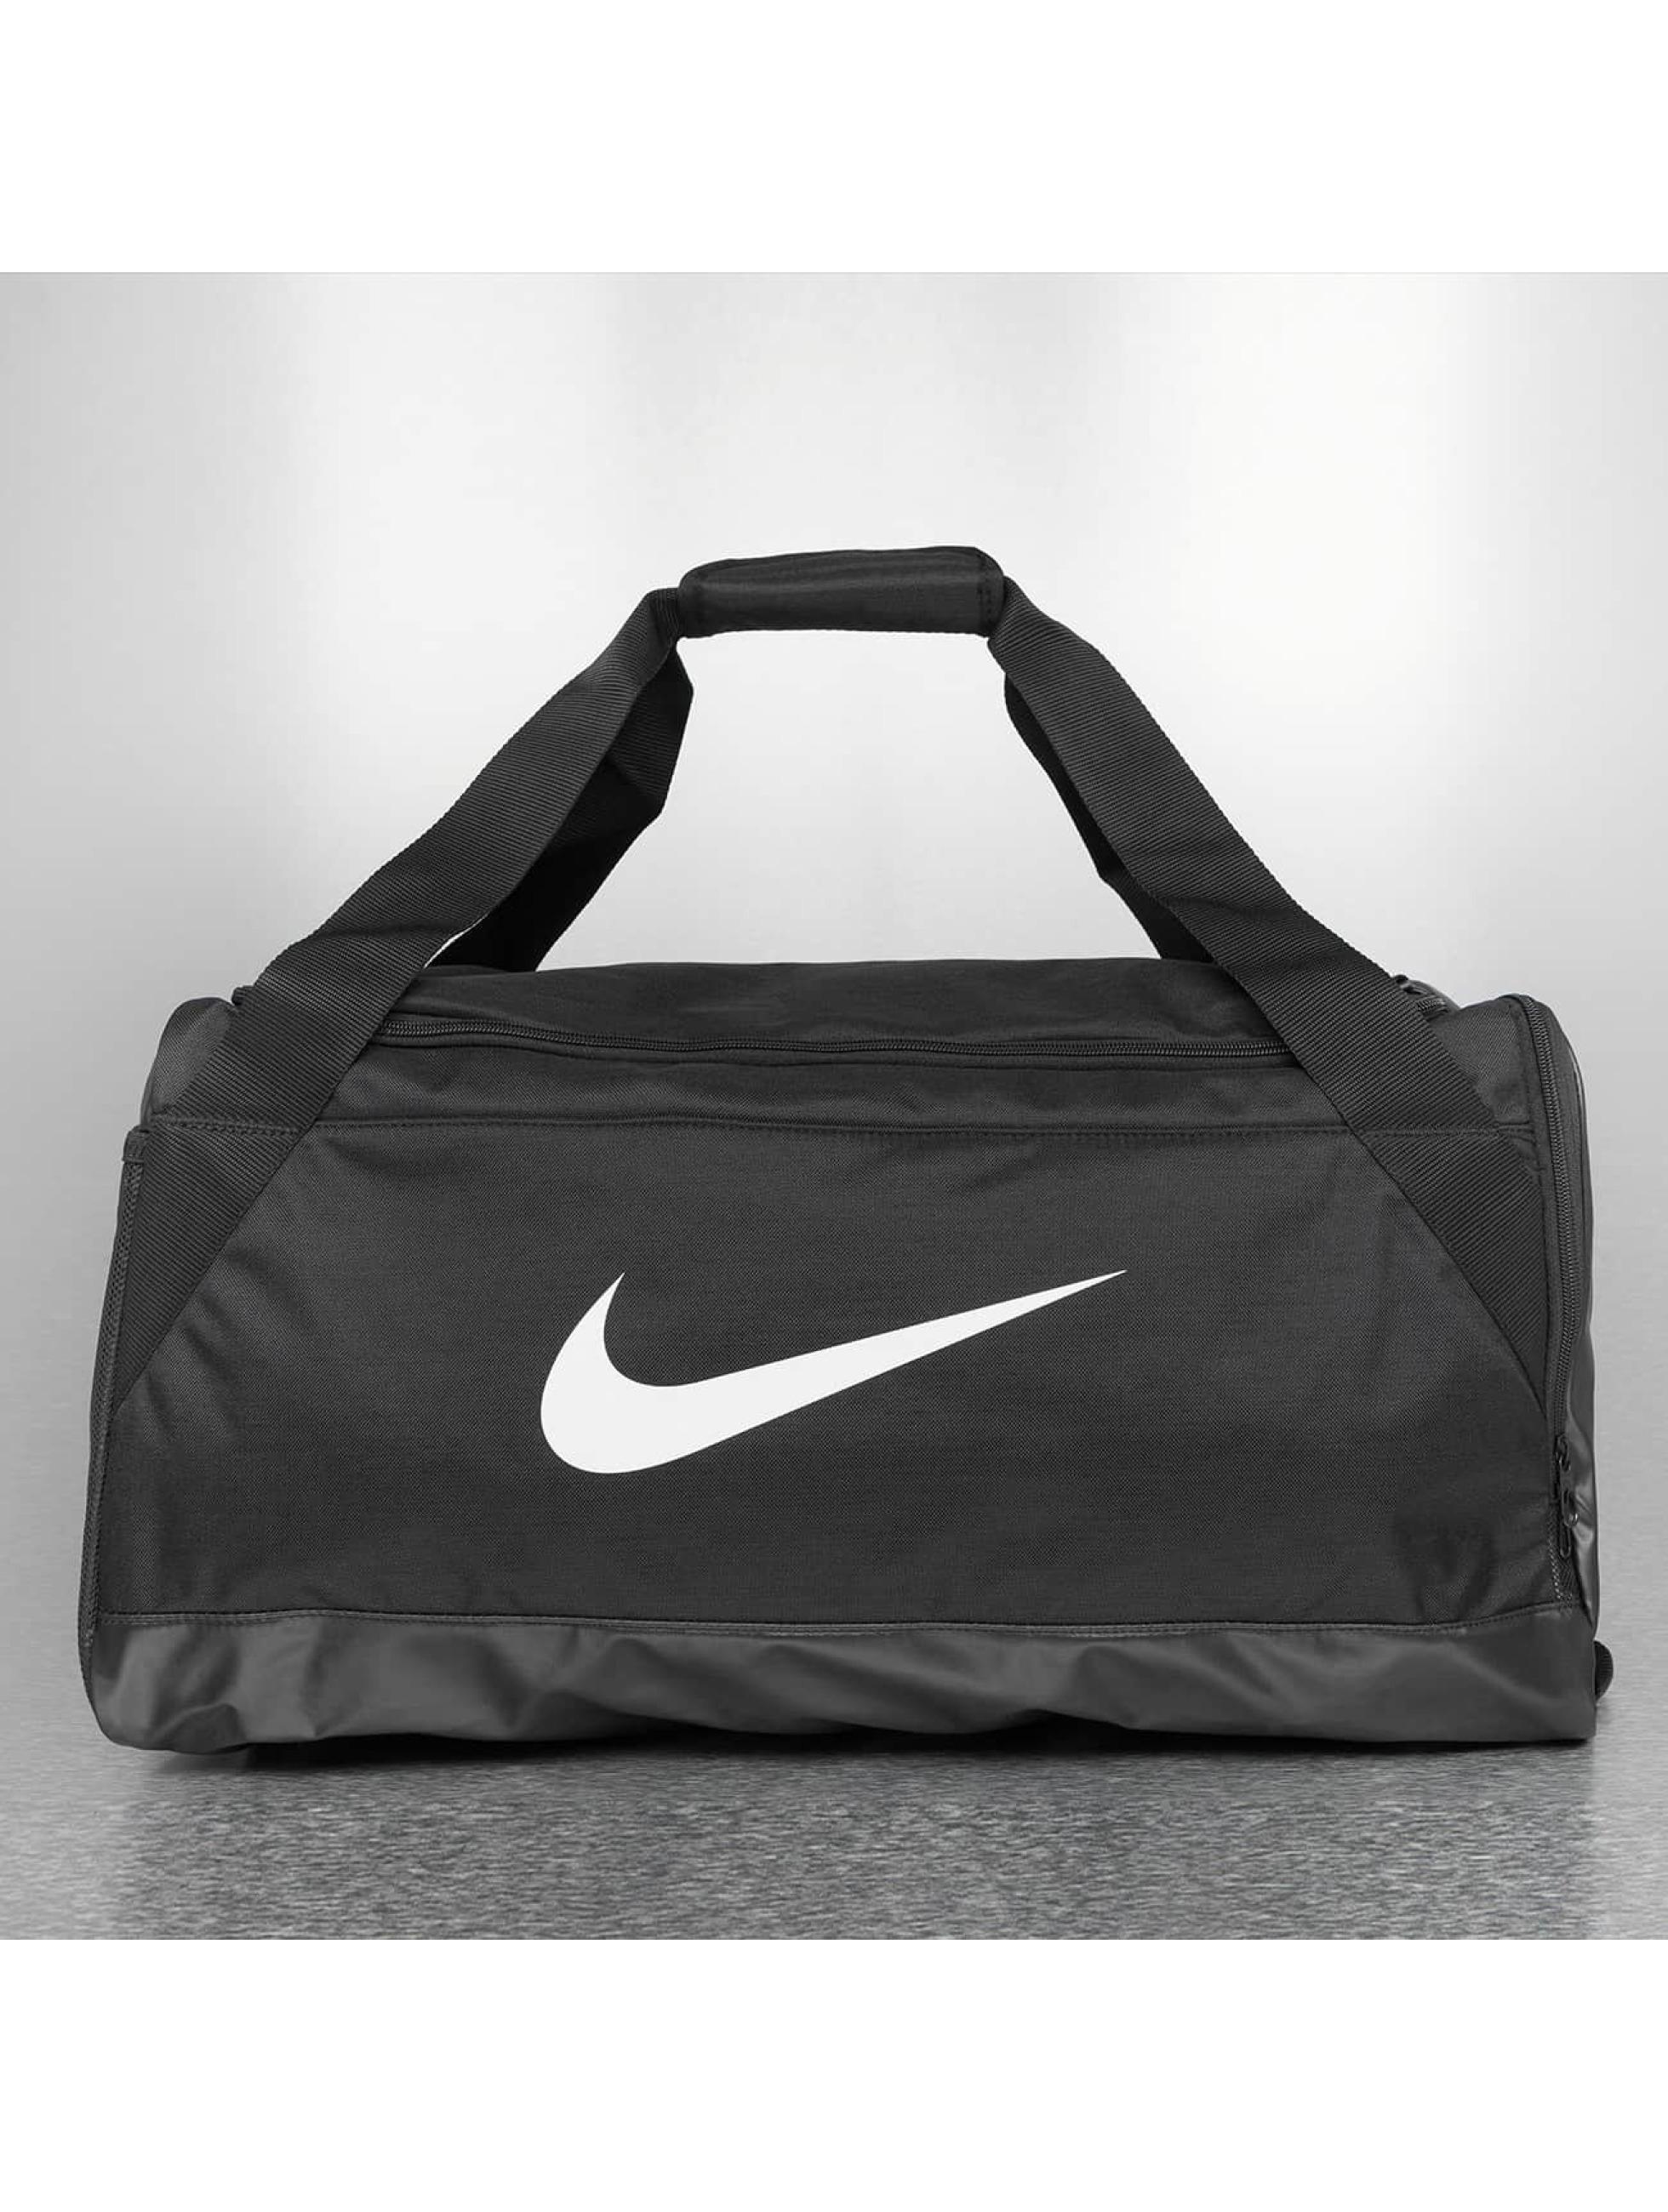 Nike Performance Männer,Frauen Tasche Brasilia in schwarz